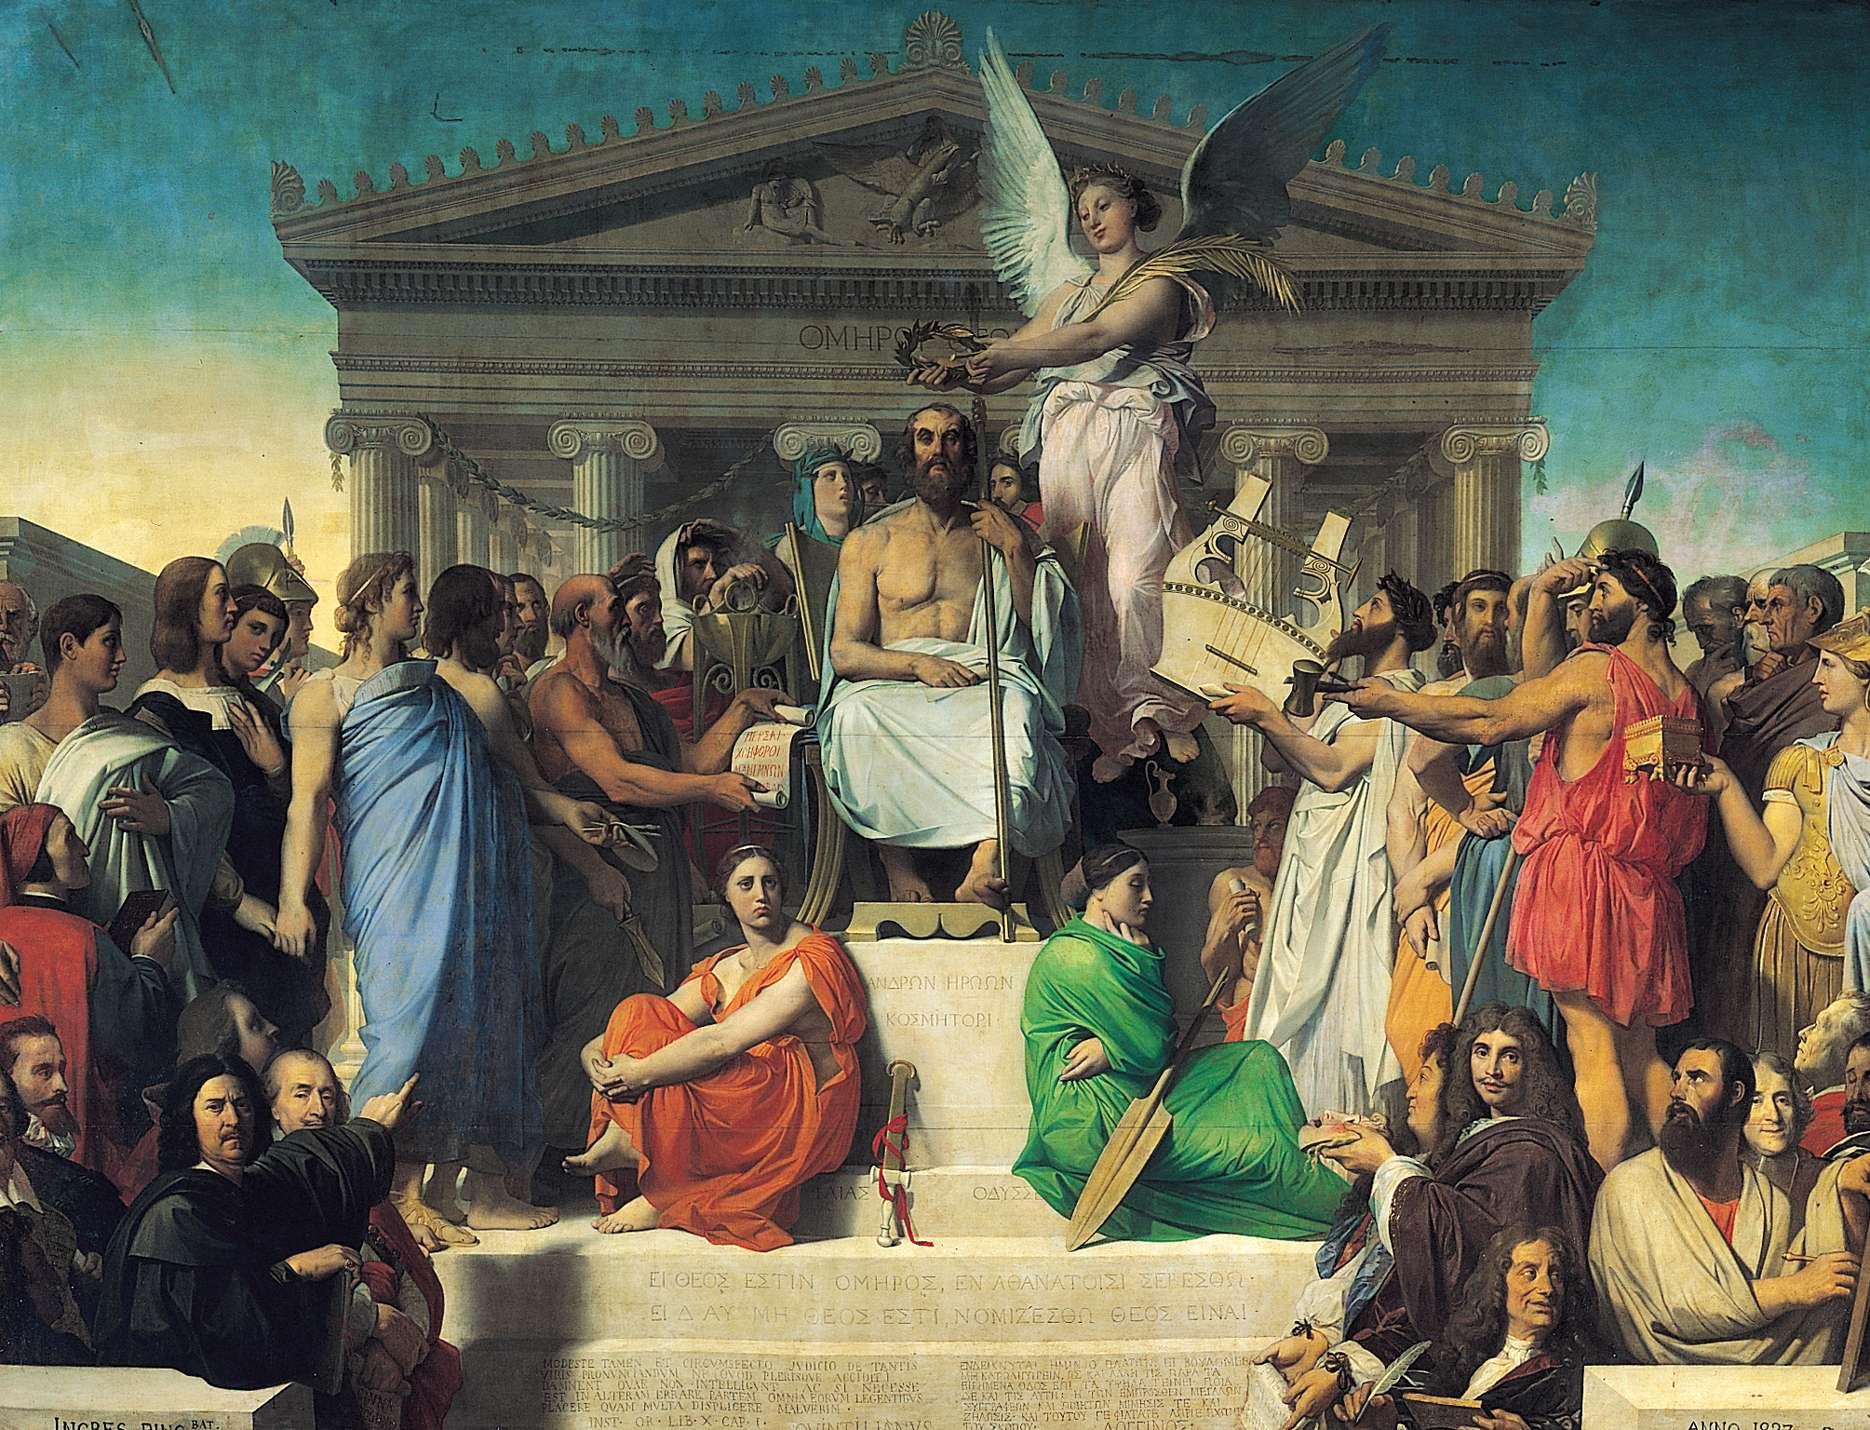 Η αποθέωση του Ομήρου. Στα πόδια του η Ιλιάδα και η Οδύσσεια. Jean Auguste Dominique Ingres, 1827